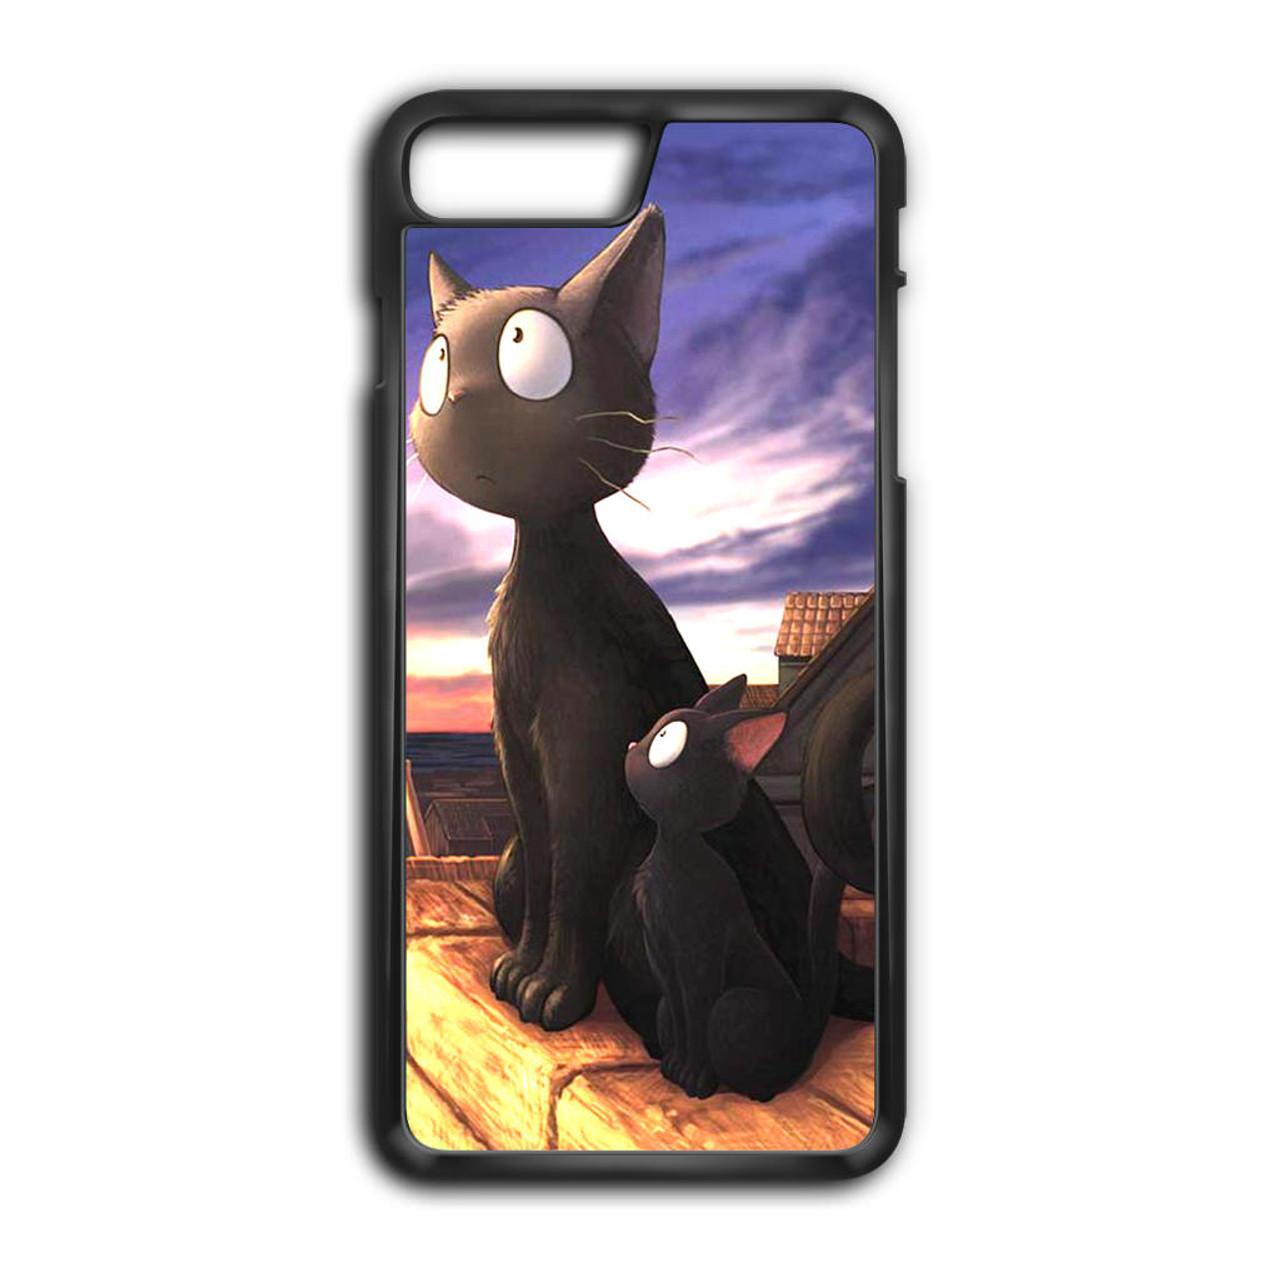 black cat iphone 7 plus case